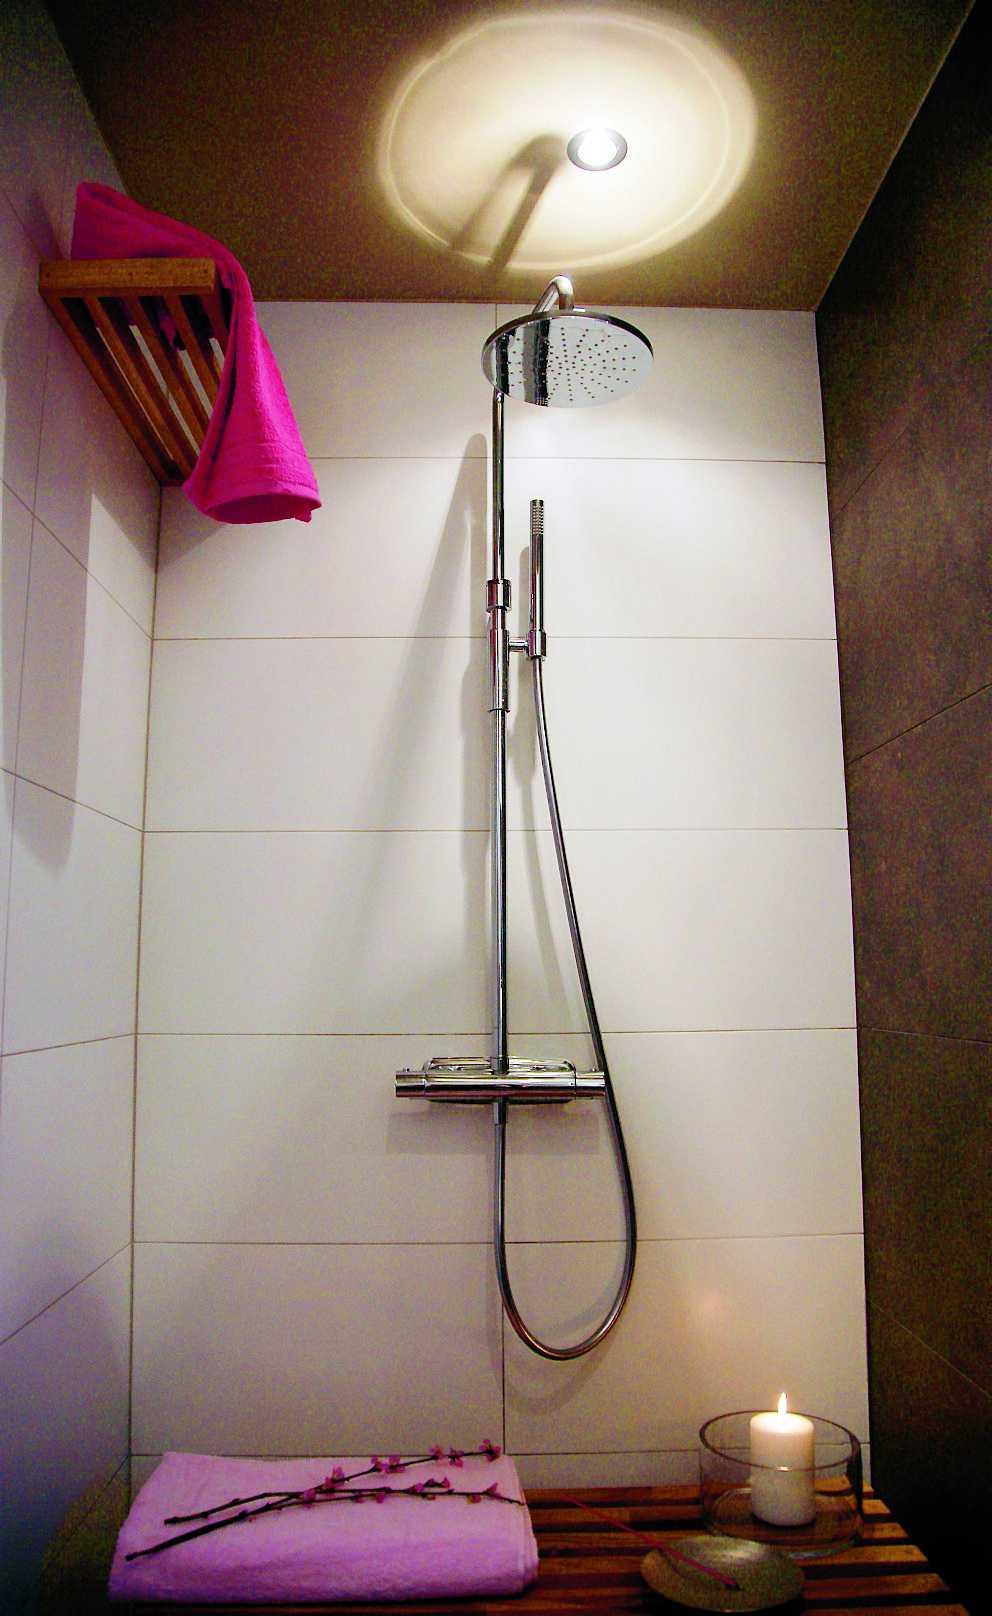 Den separata duschen är smart avgränsad av en enkel vägg. En spotlight speglar sig i duschens metalliska yta och ger en läcker effekt i taket. Träbänken fungerar både som avställningsyta och sittplats.